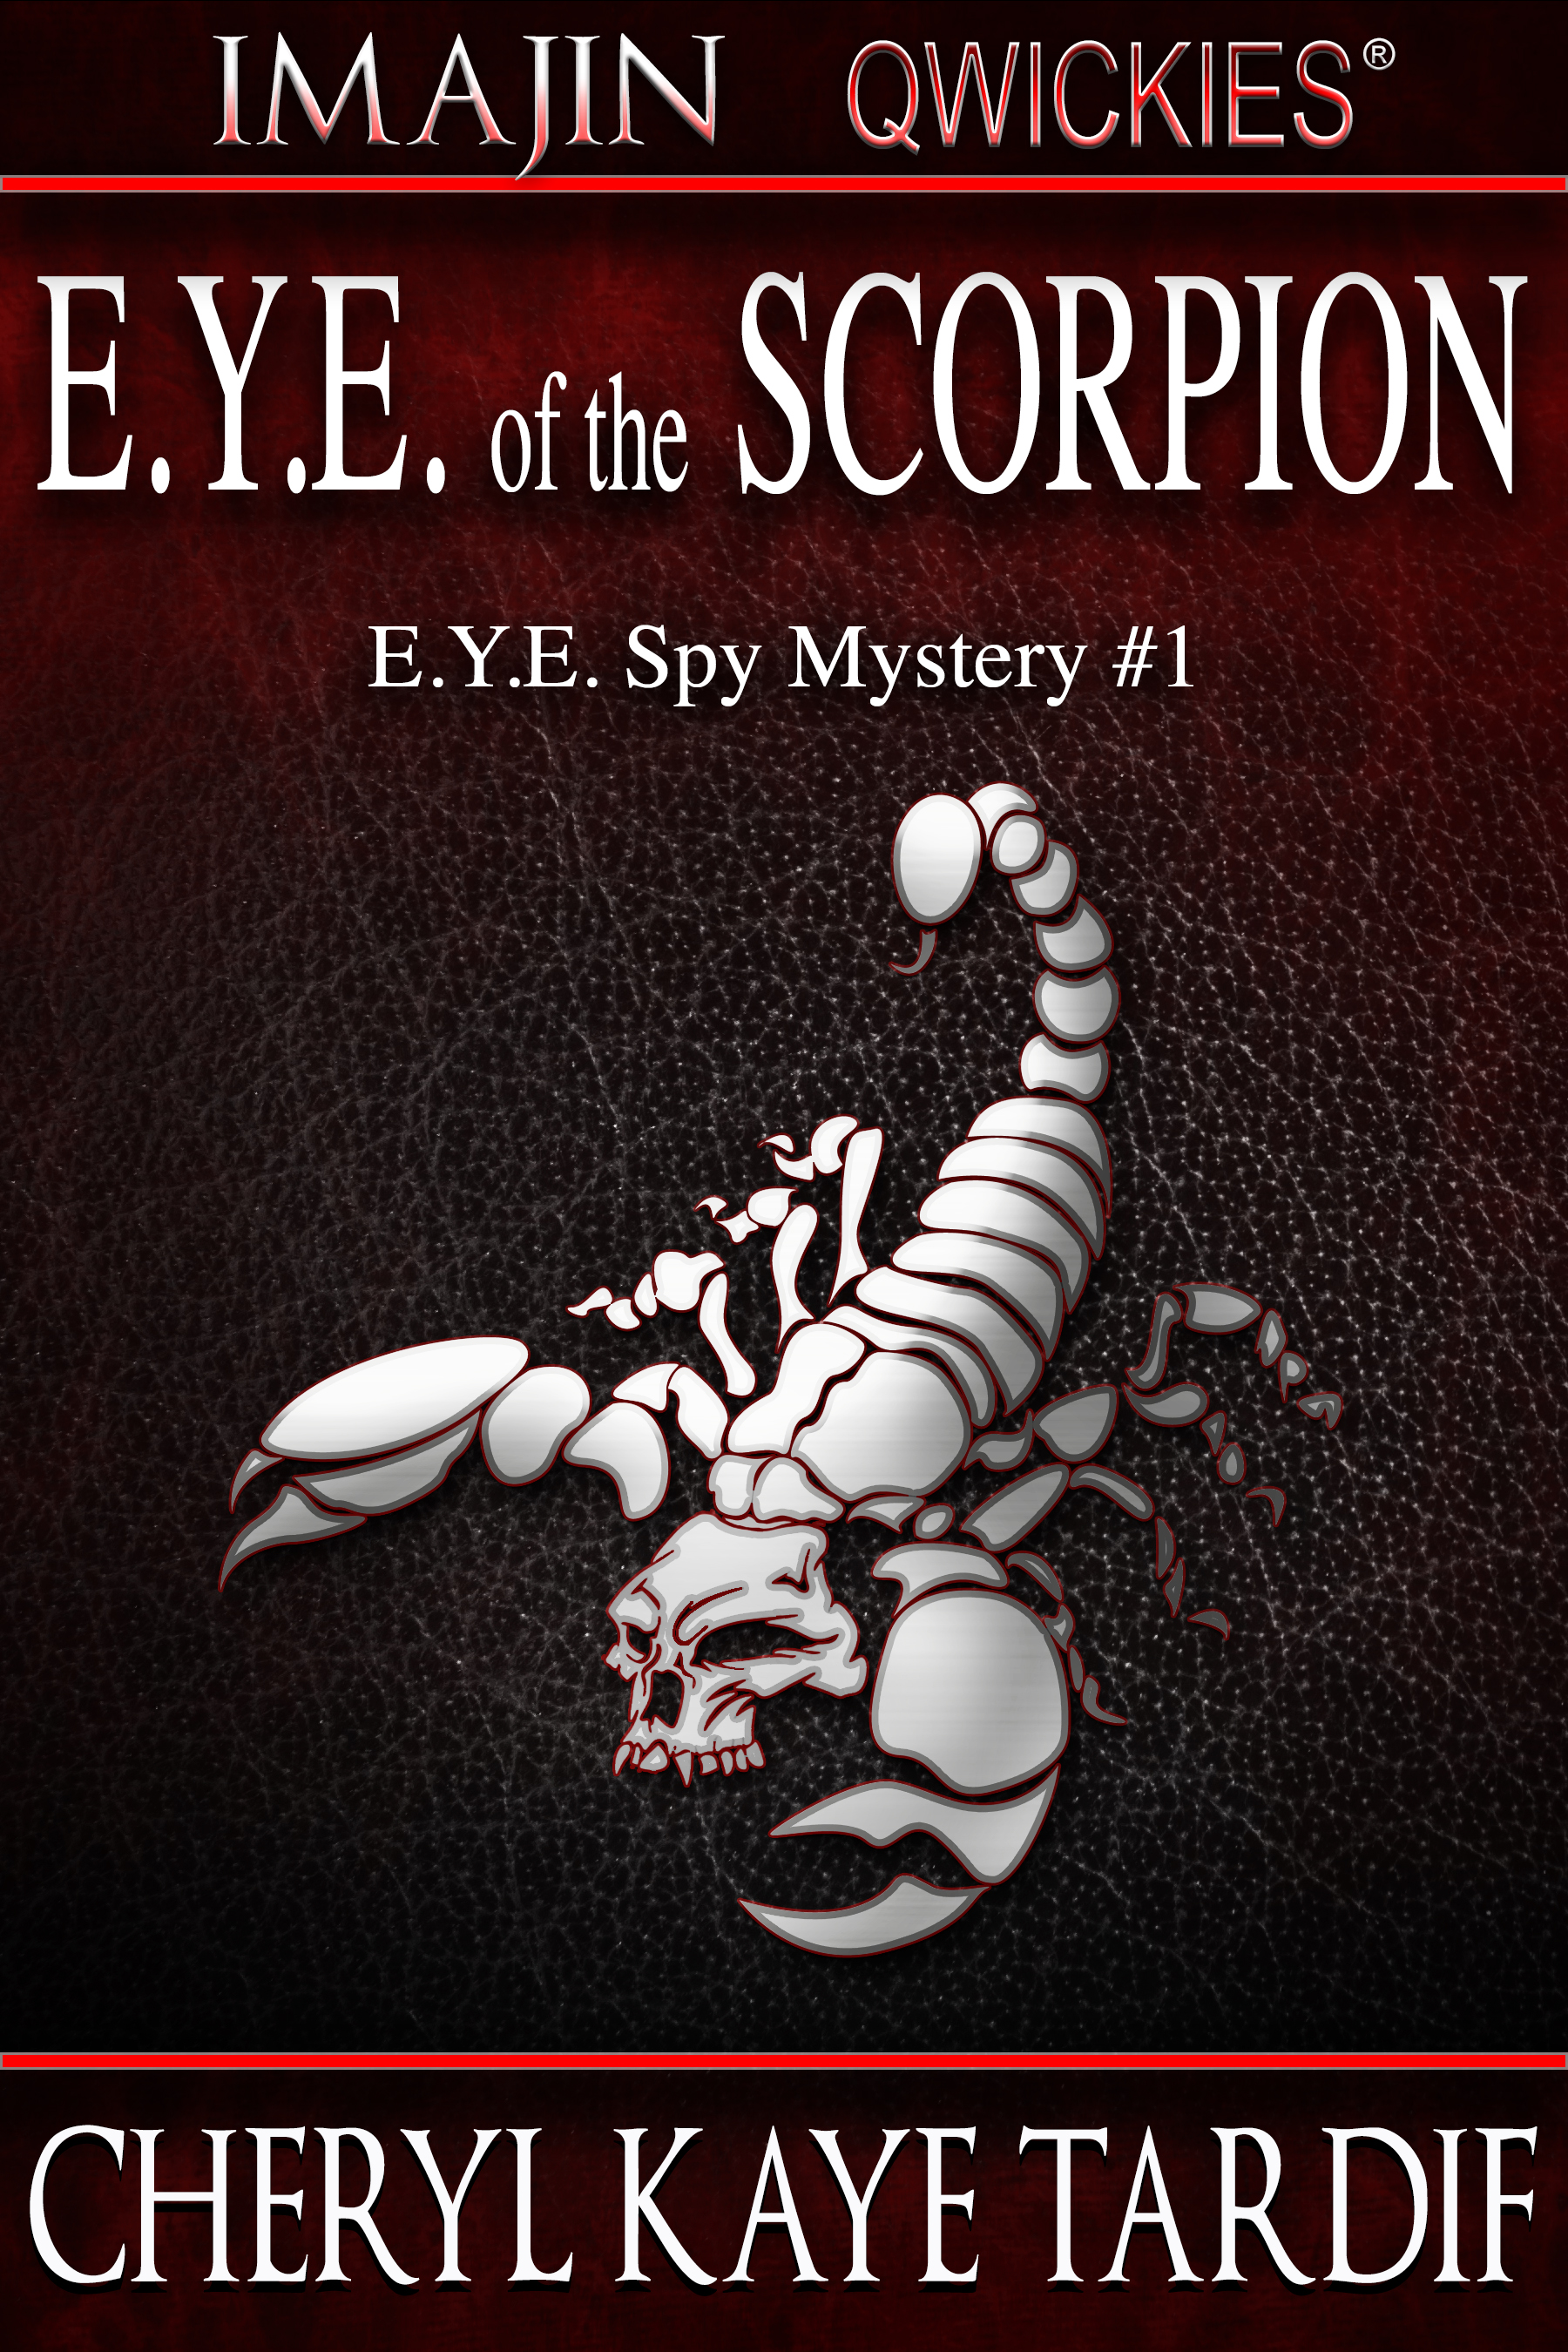 E.Y.E. of the Scorpion